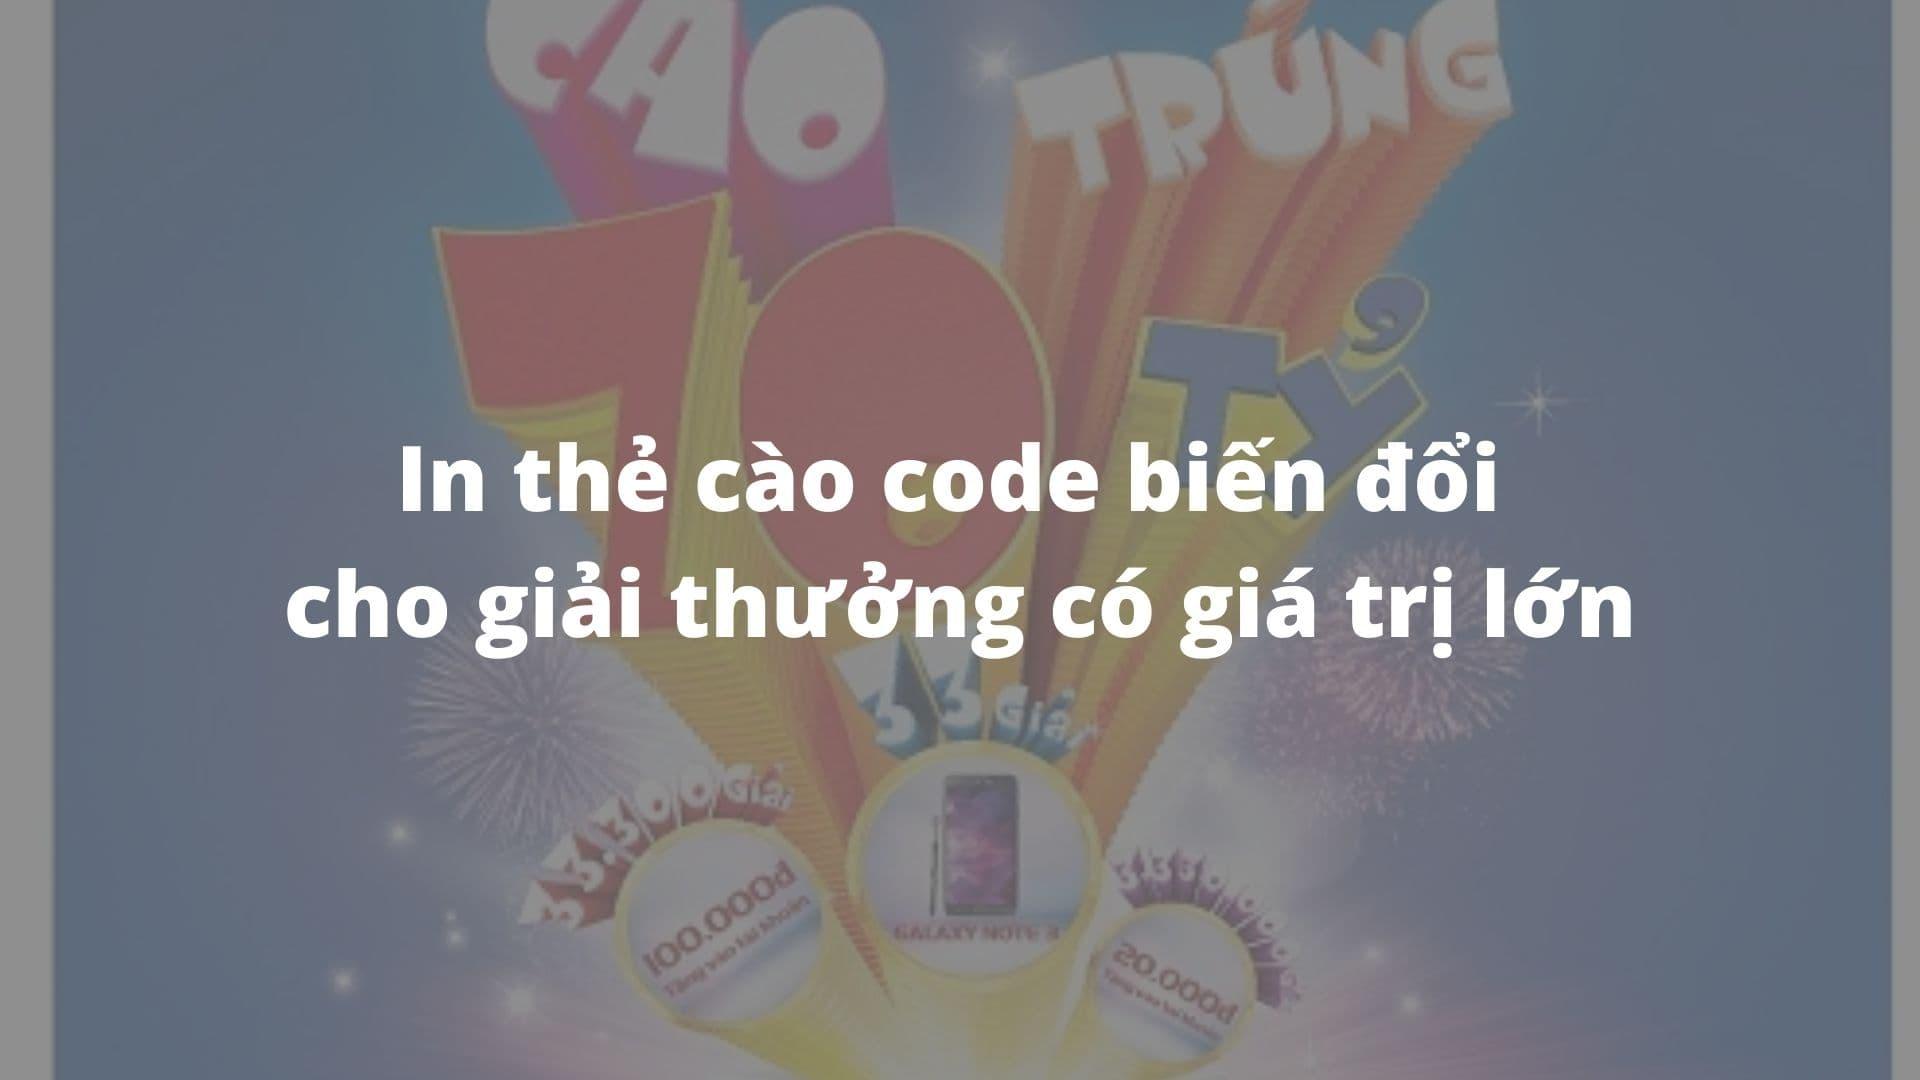 In thẻ cào code biến đổi cho giải thưởng có giá trị lớn